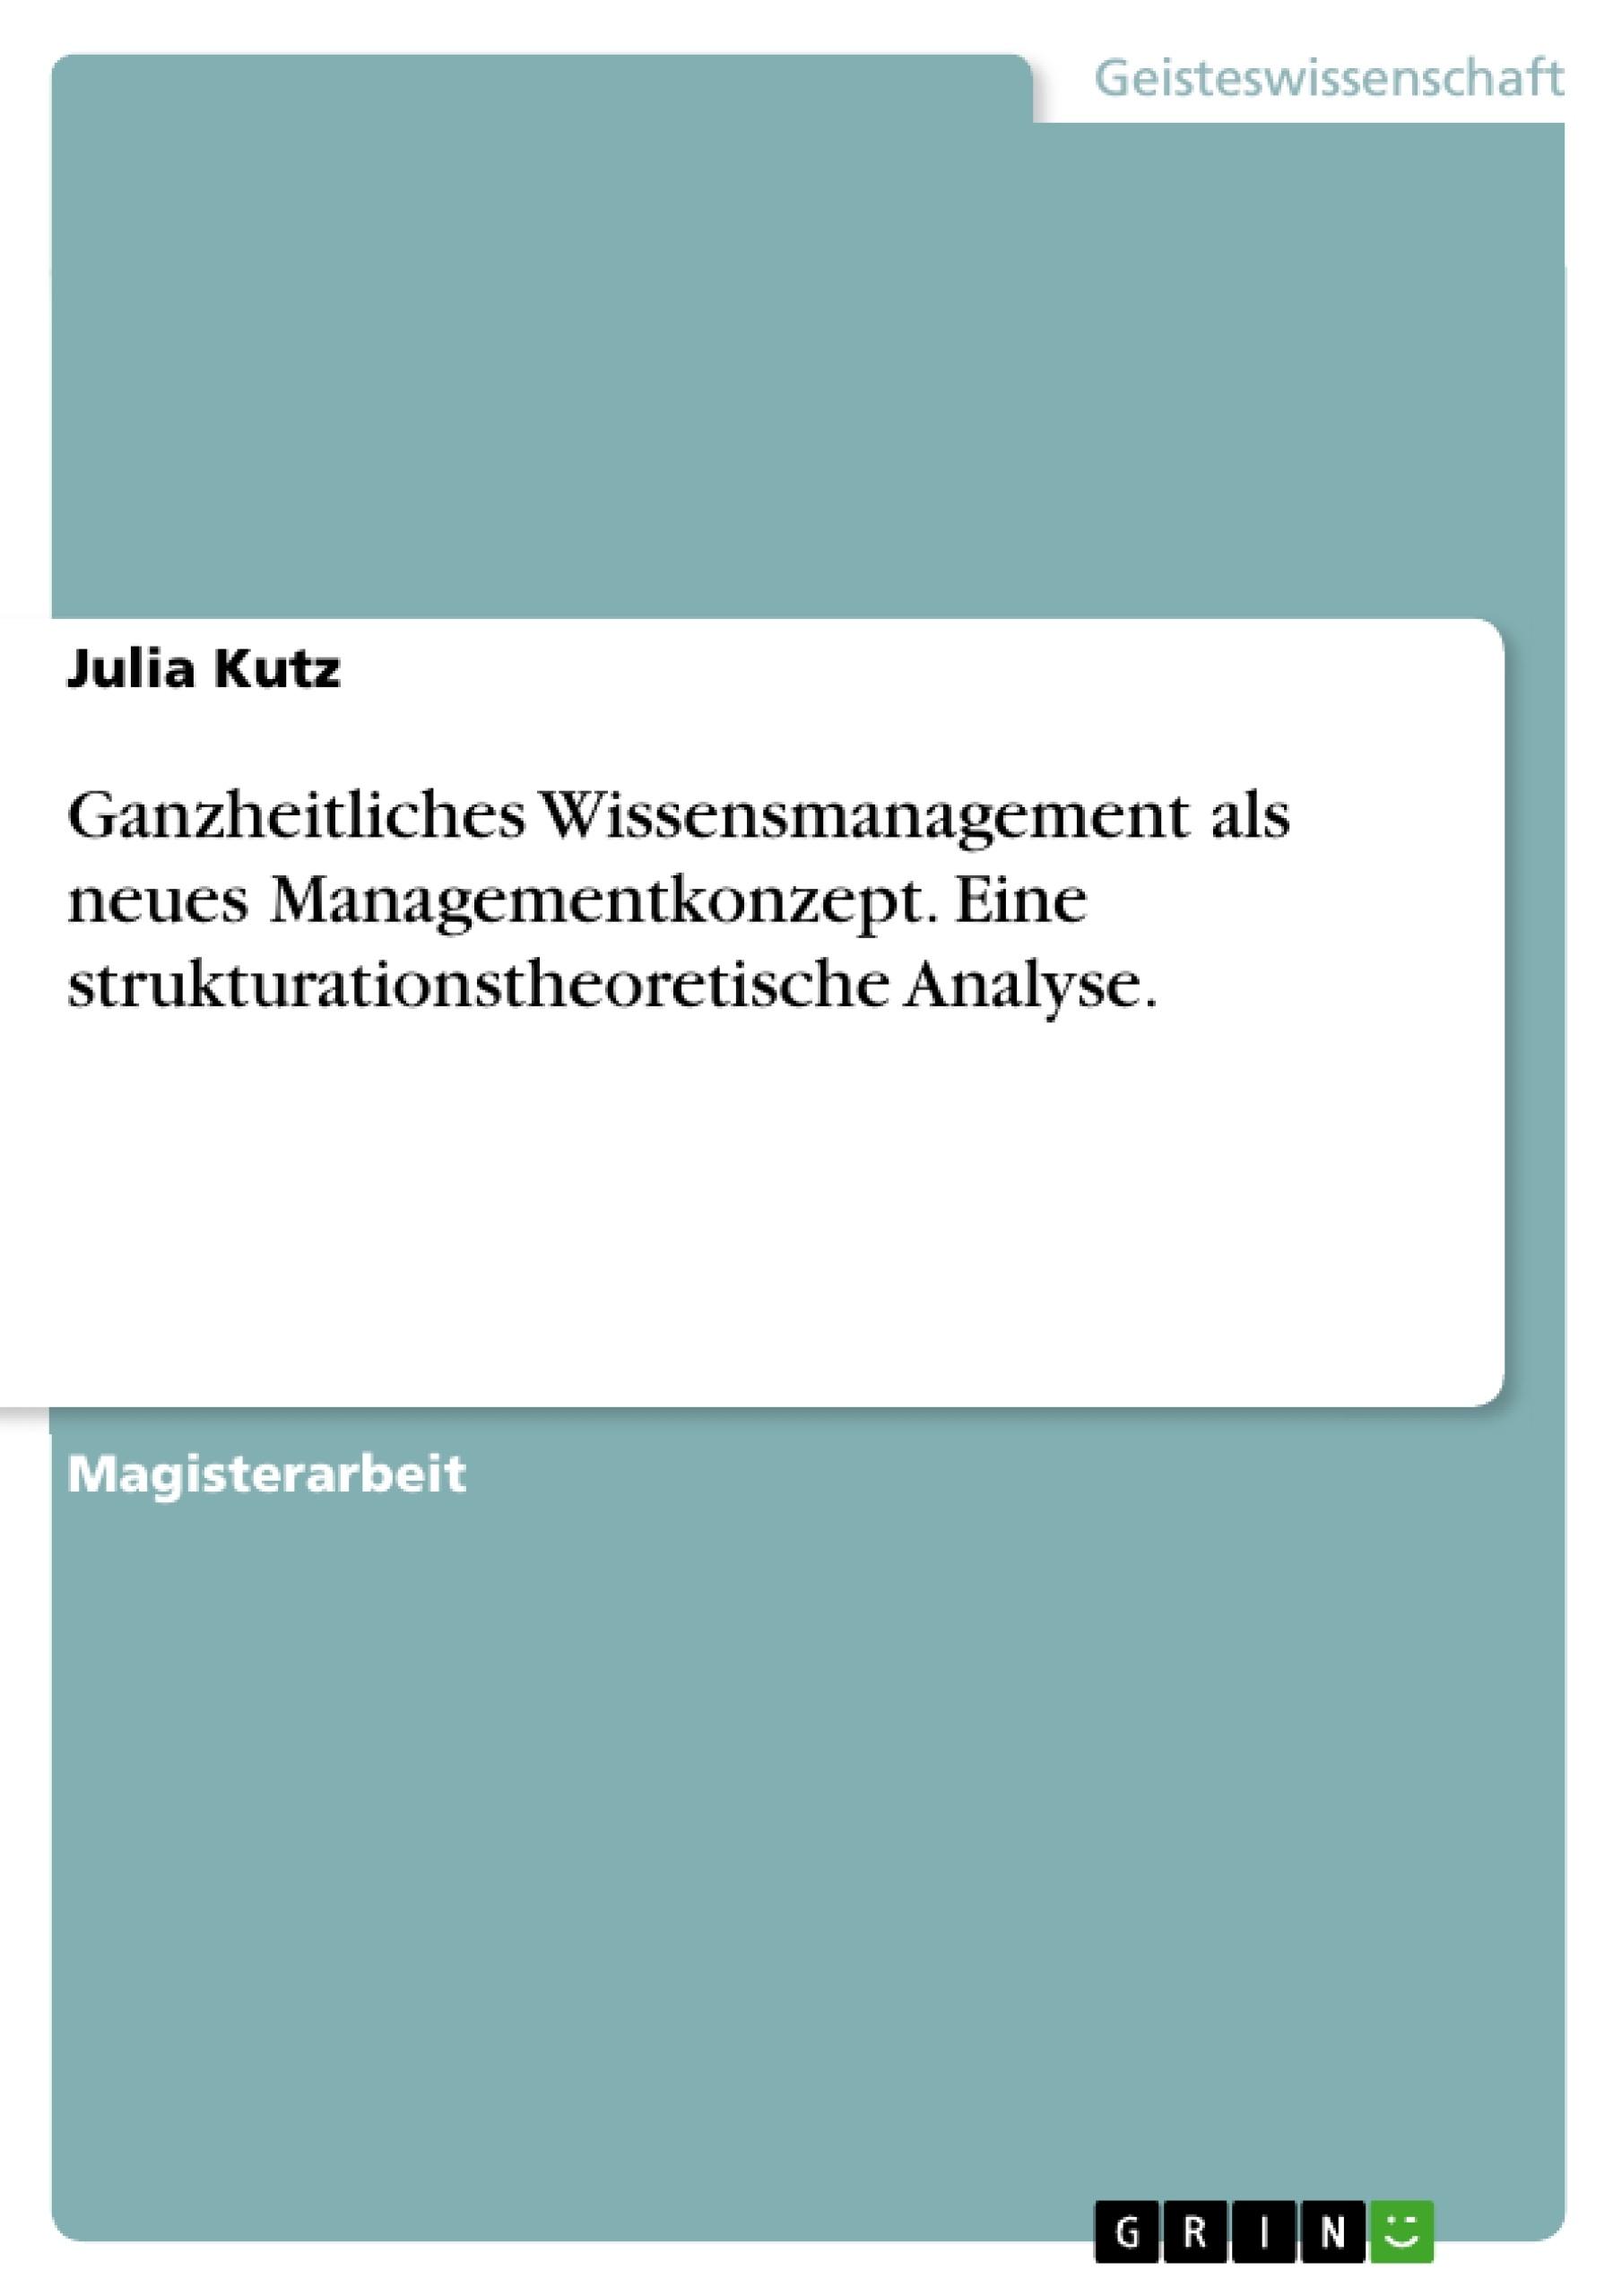 Titel: Ganzheitliches Wissensmanagement als neues Managementkonzept. Eine strukturationstheoretische Analyse.